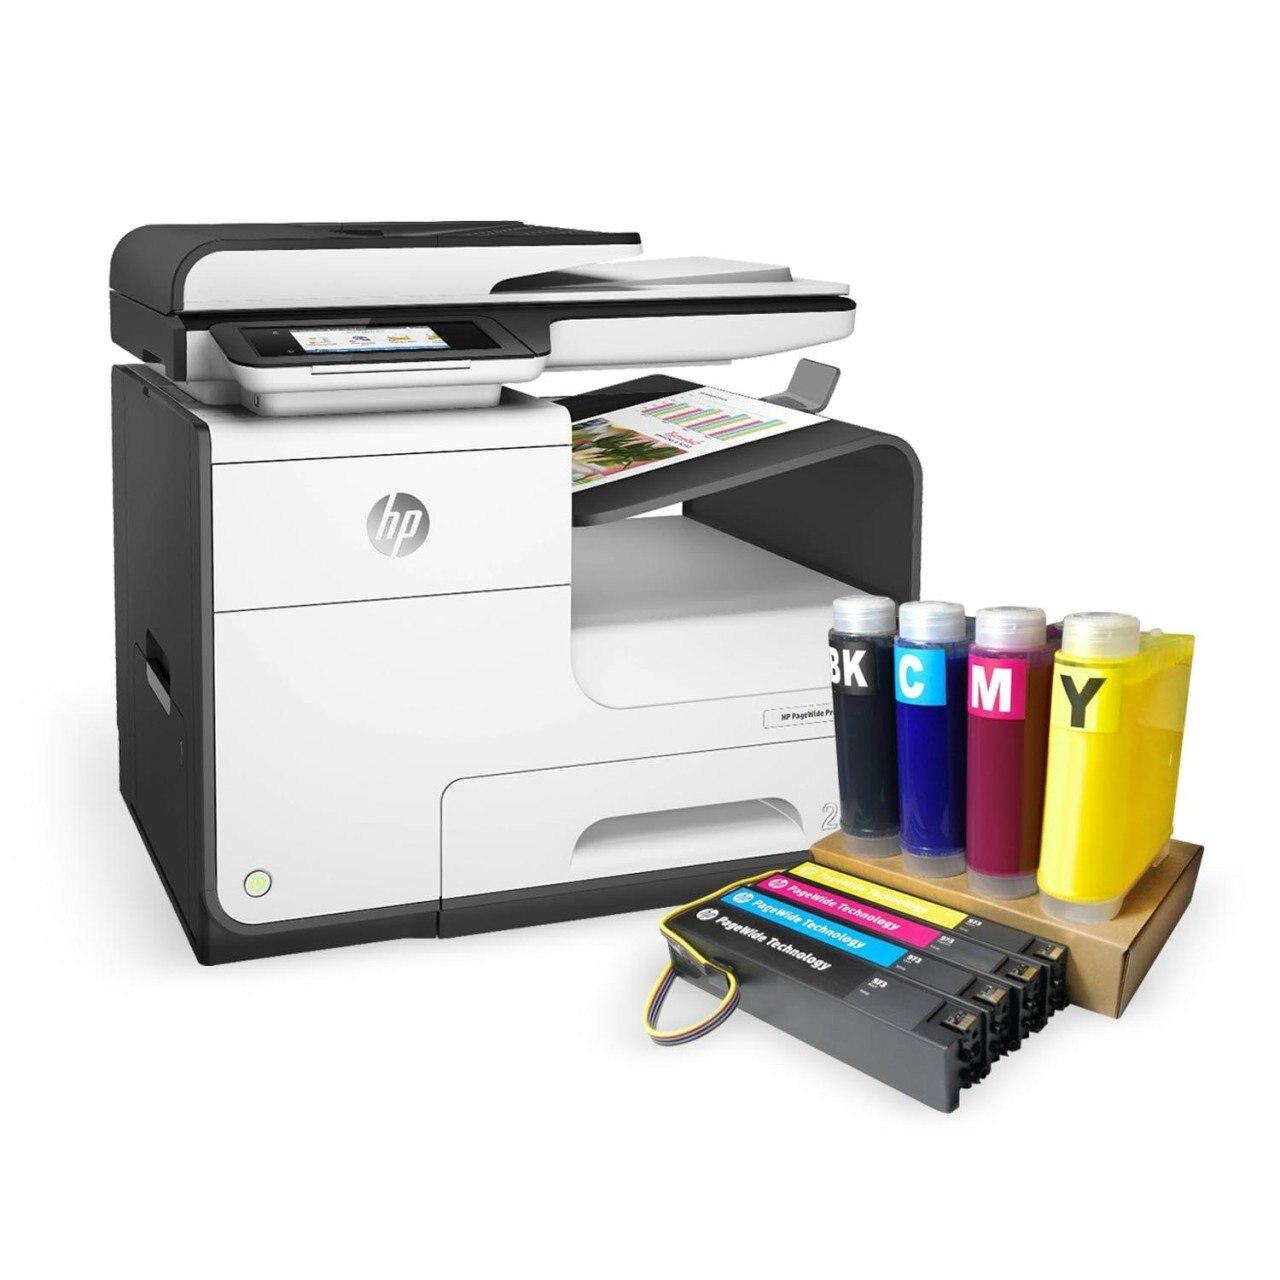 Hp Pagewide Pro 477Dw (D3Q20B) принтер и XXL-система картриджей